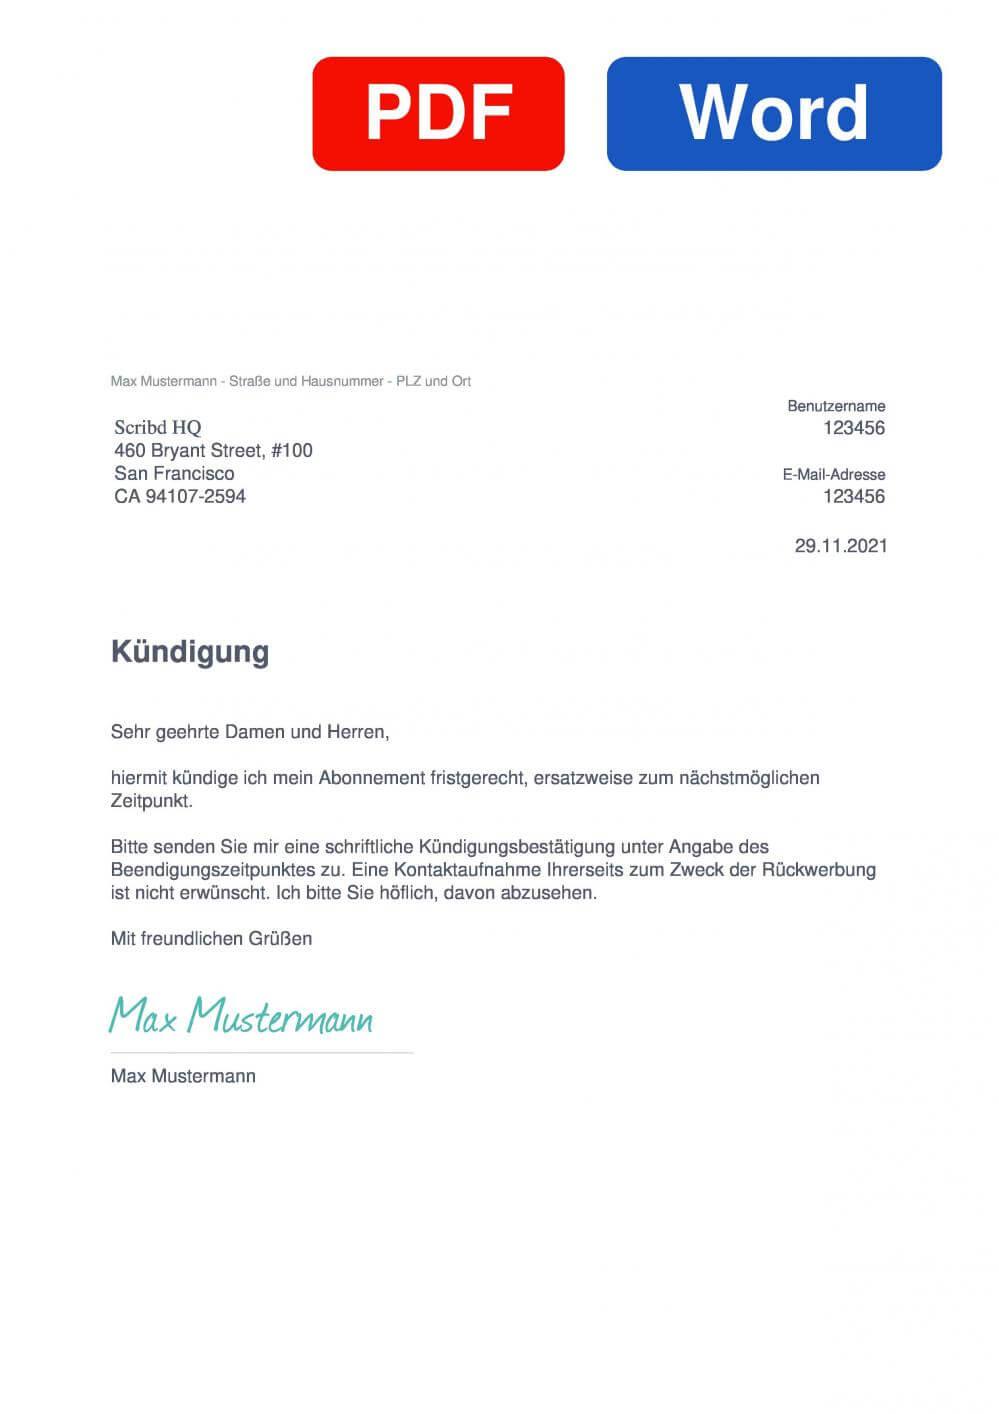 Scribd Muster Vorlage für Kündigungsschreiben